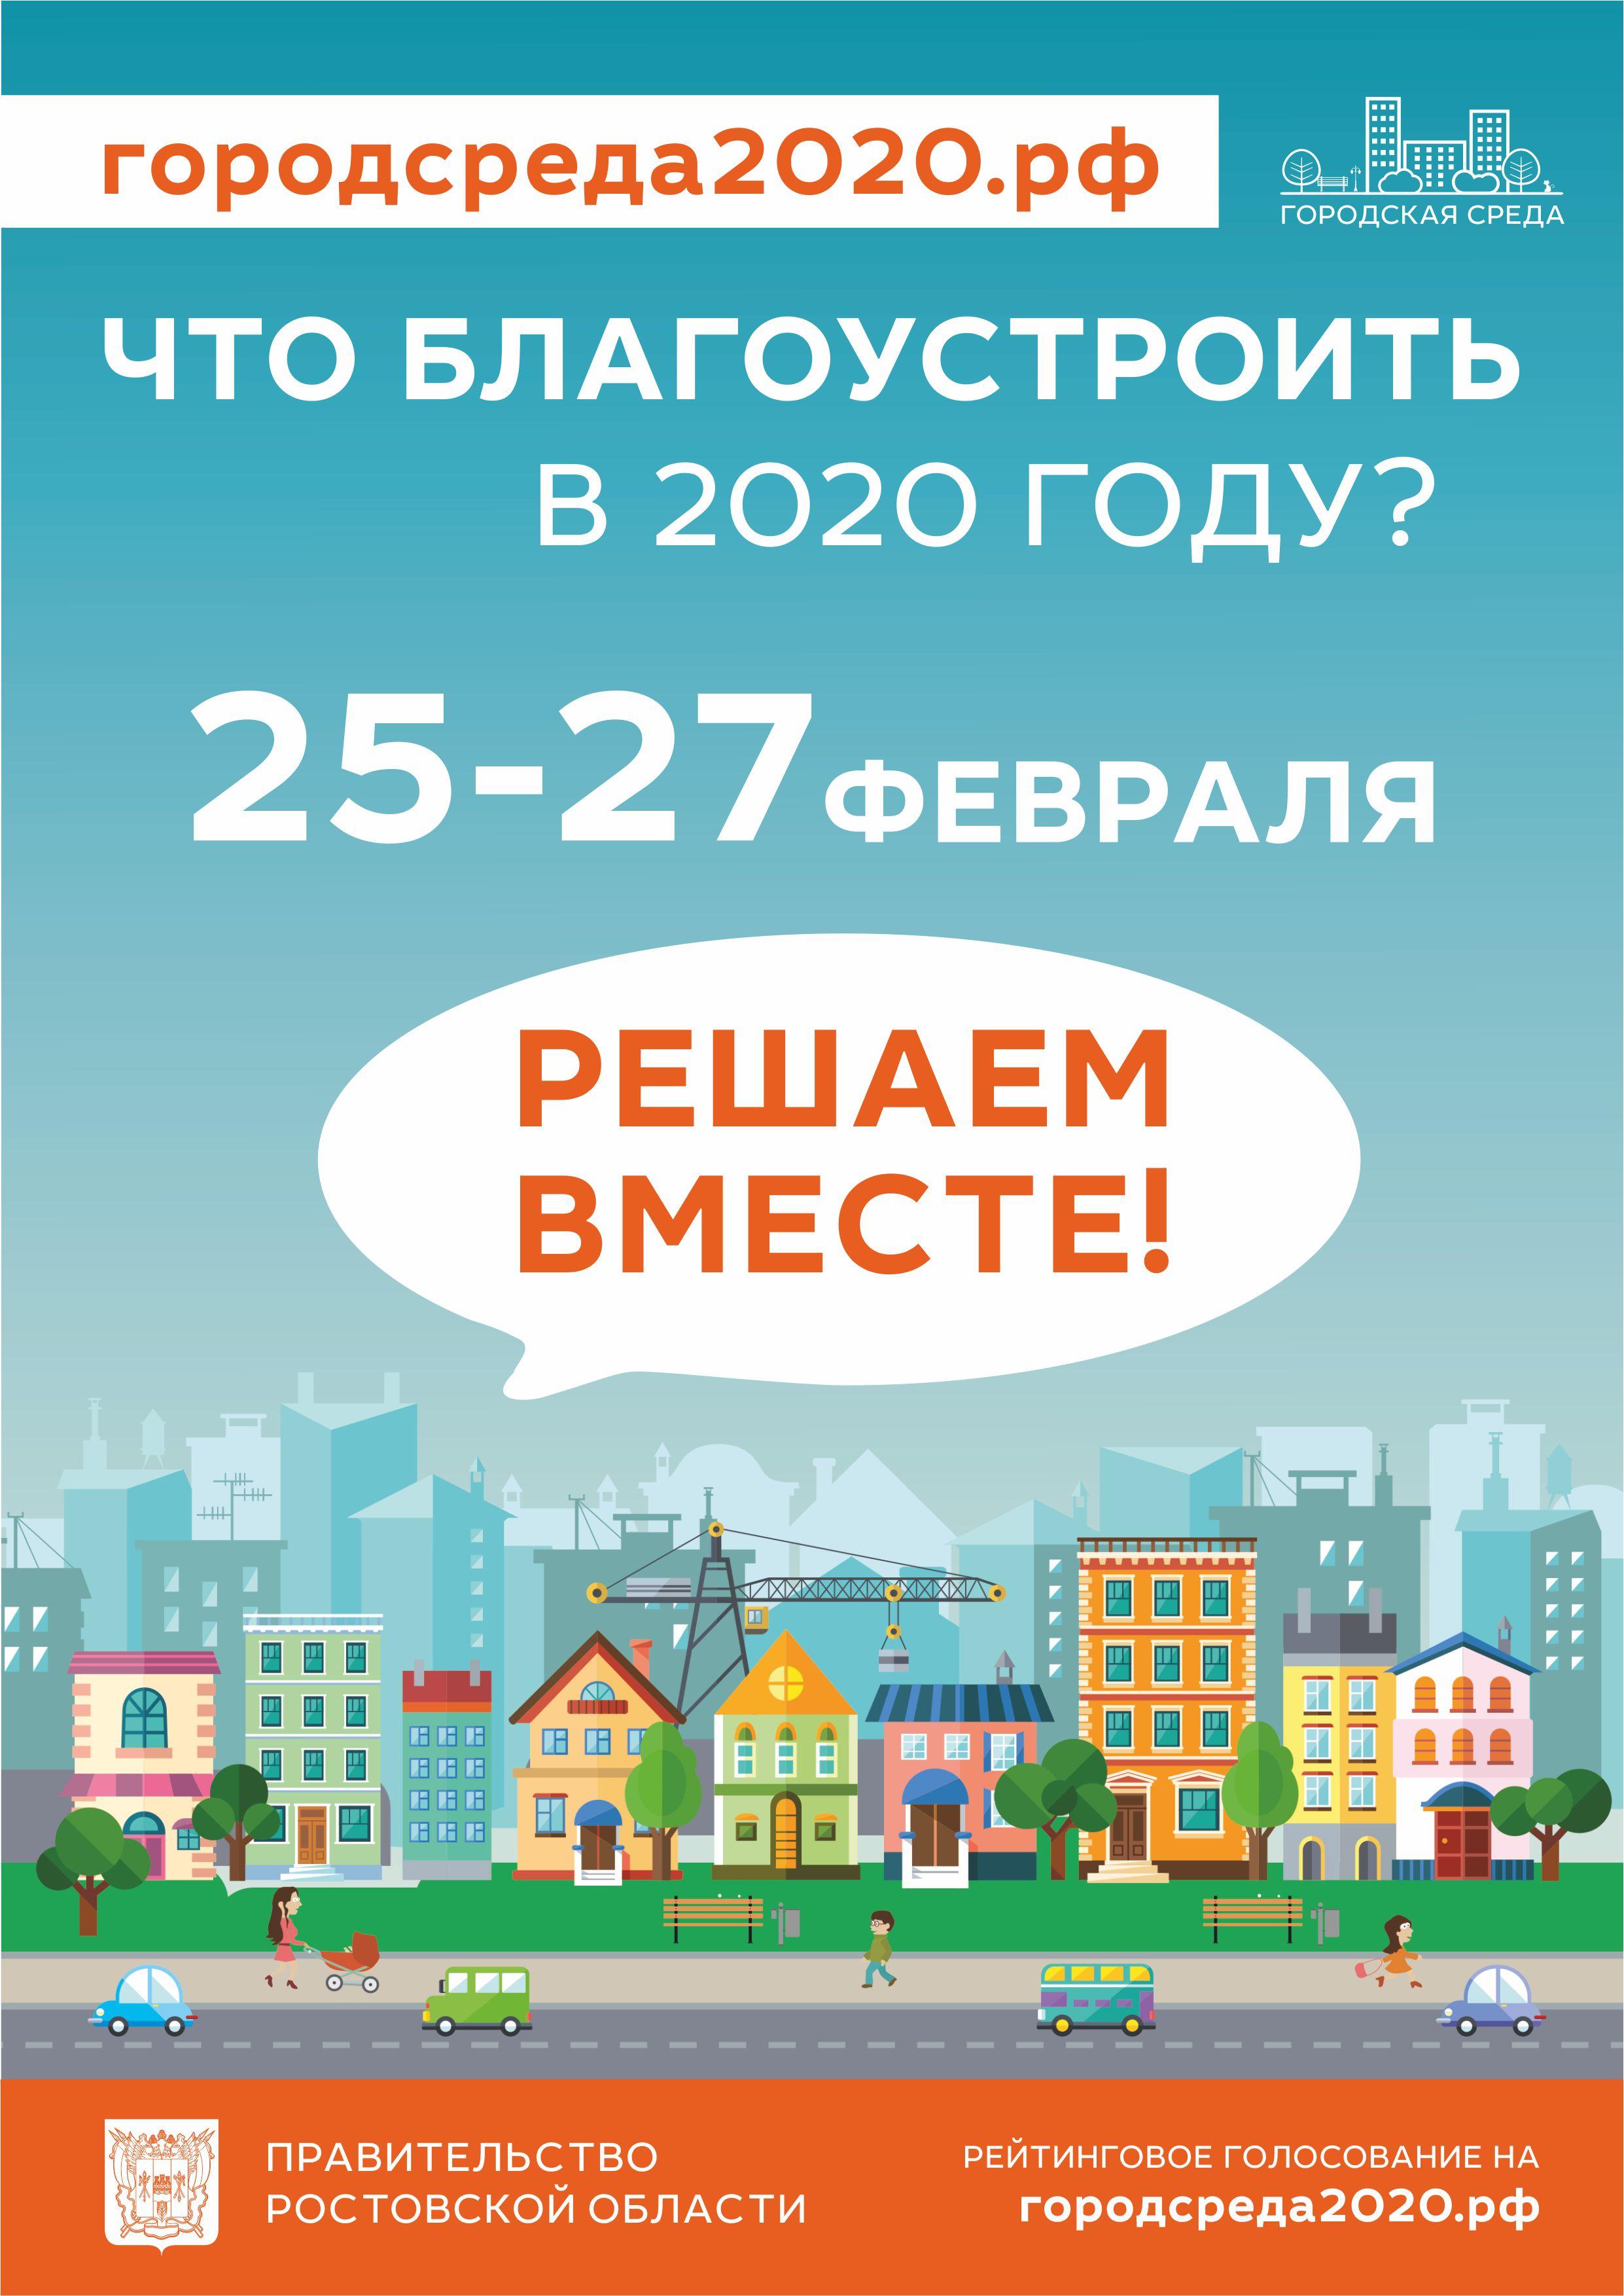 Открытое голосование жителей Ростовской области пройдет на сайте gorodsreda2020.ru и городсреда2020.рф